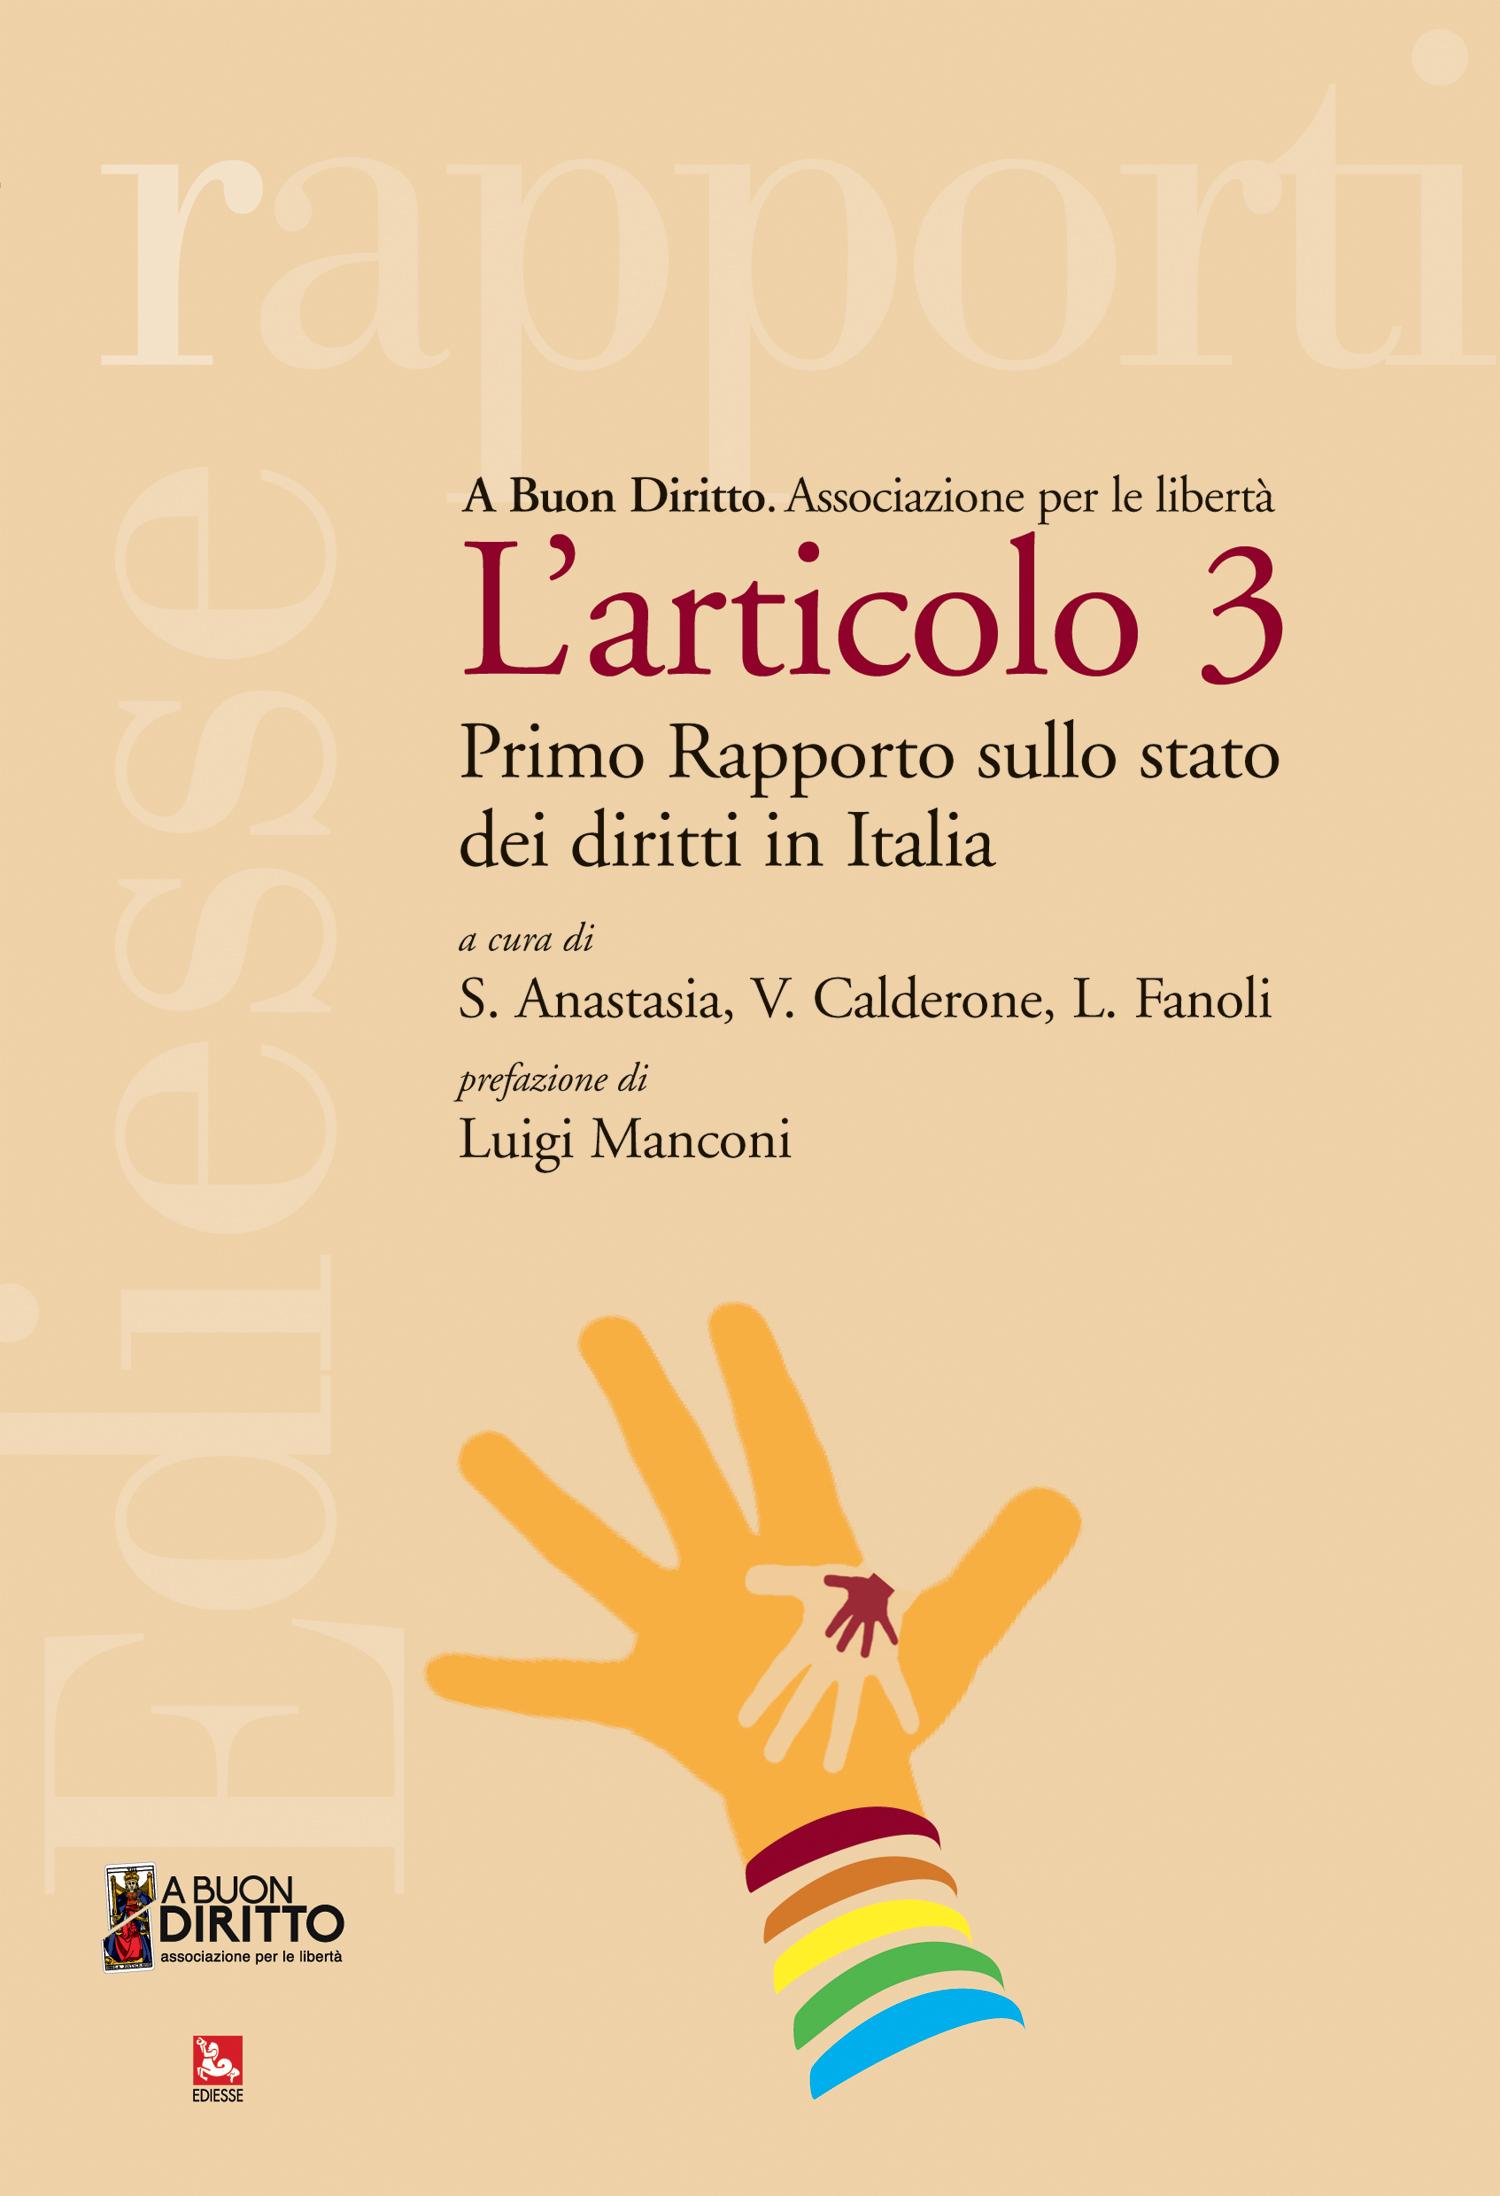 """10 dicembre. Presentazione """"L'articolo 3"""" primo rapporto sui diritti in Italia"""